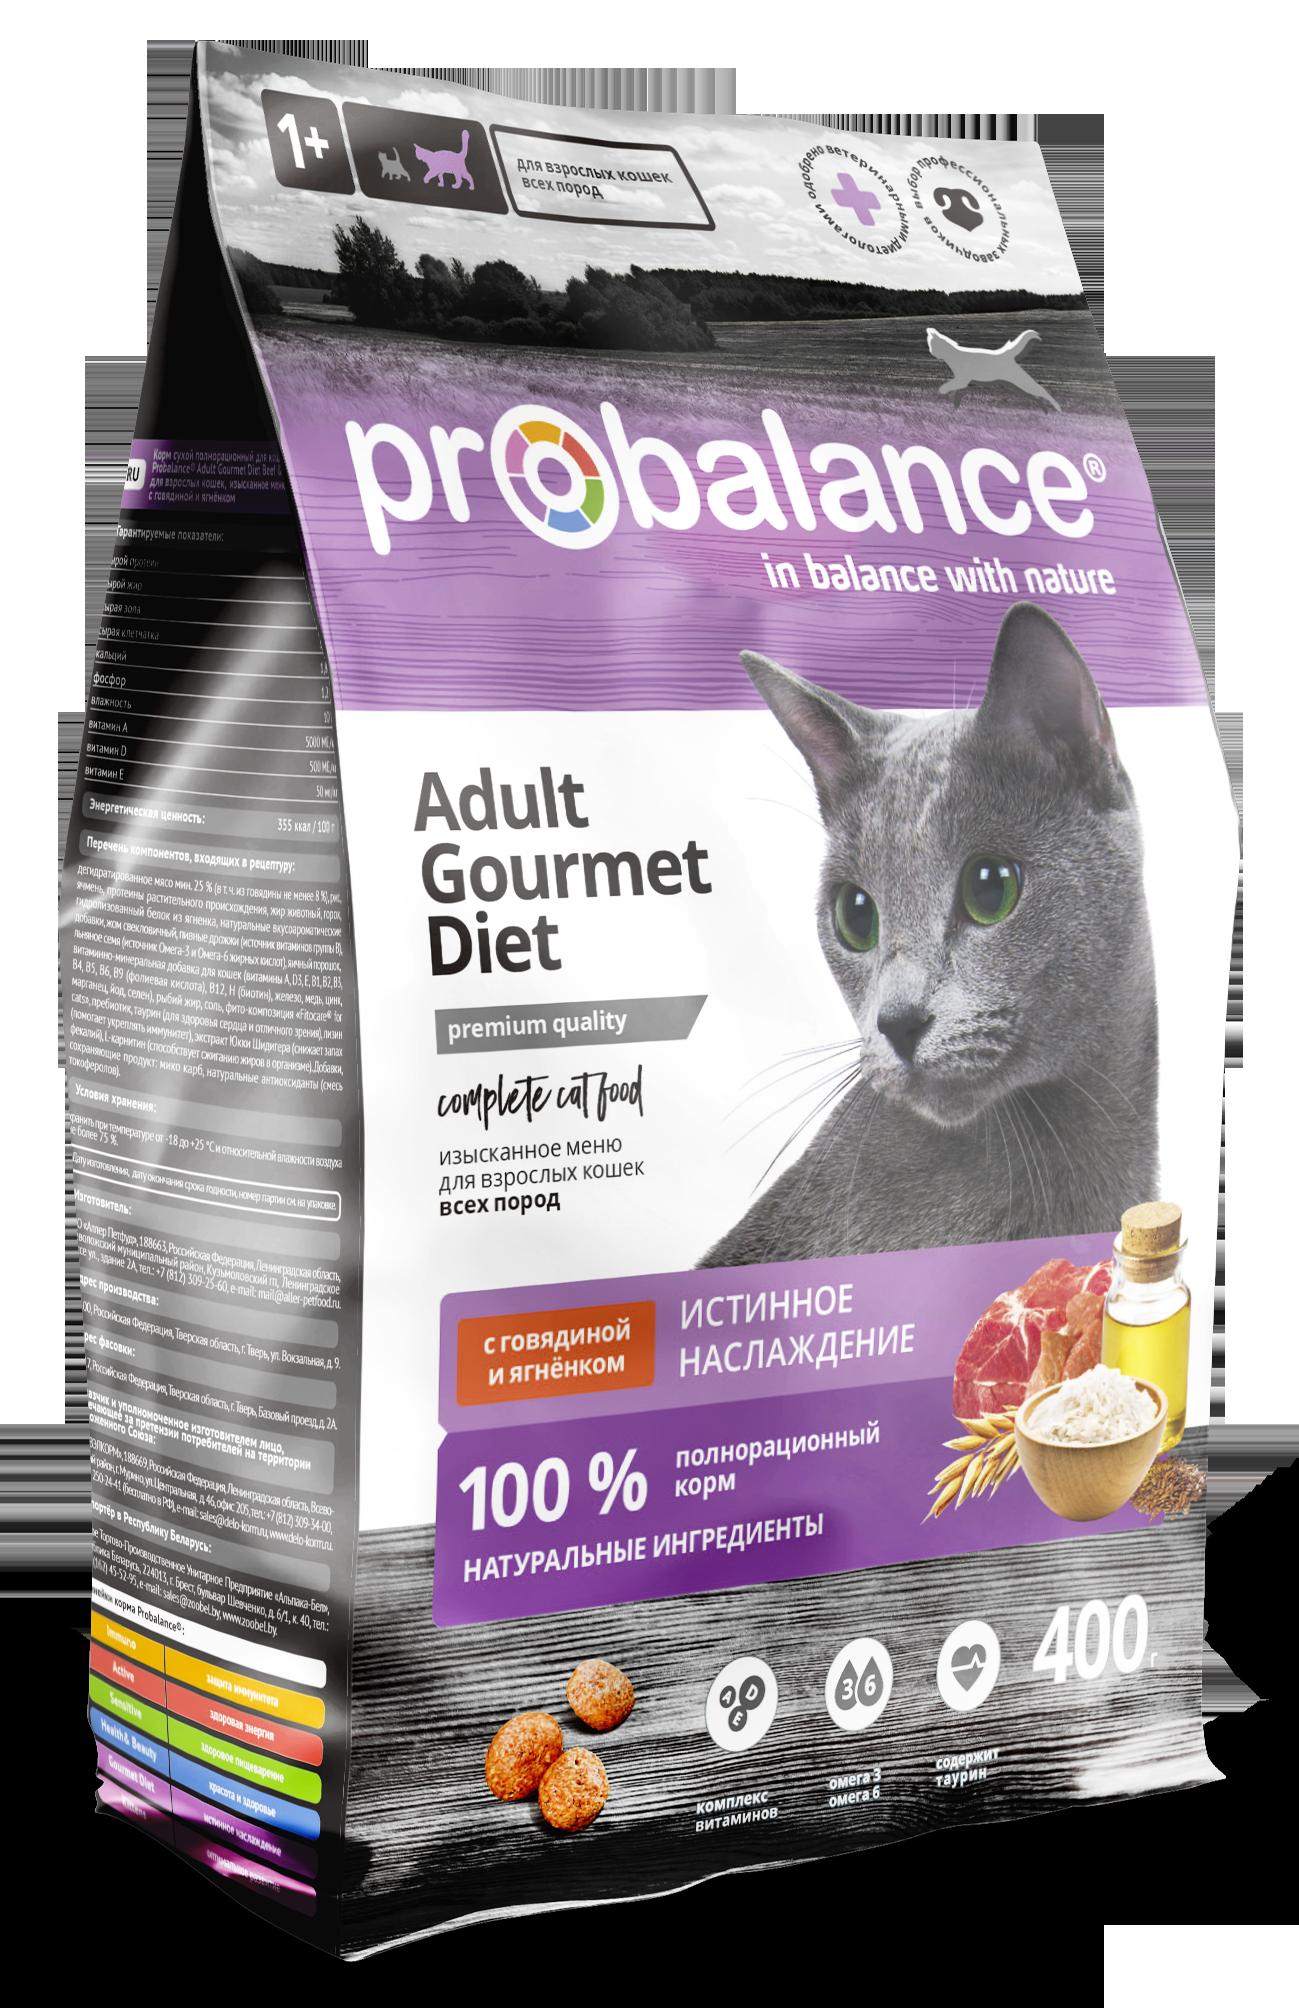 Сухой корм Корм ProBalance Gourmet Diet для взрослых кошек с говядиной и ягненком 400_PB_cat_GD_Beef_Lamb.png